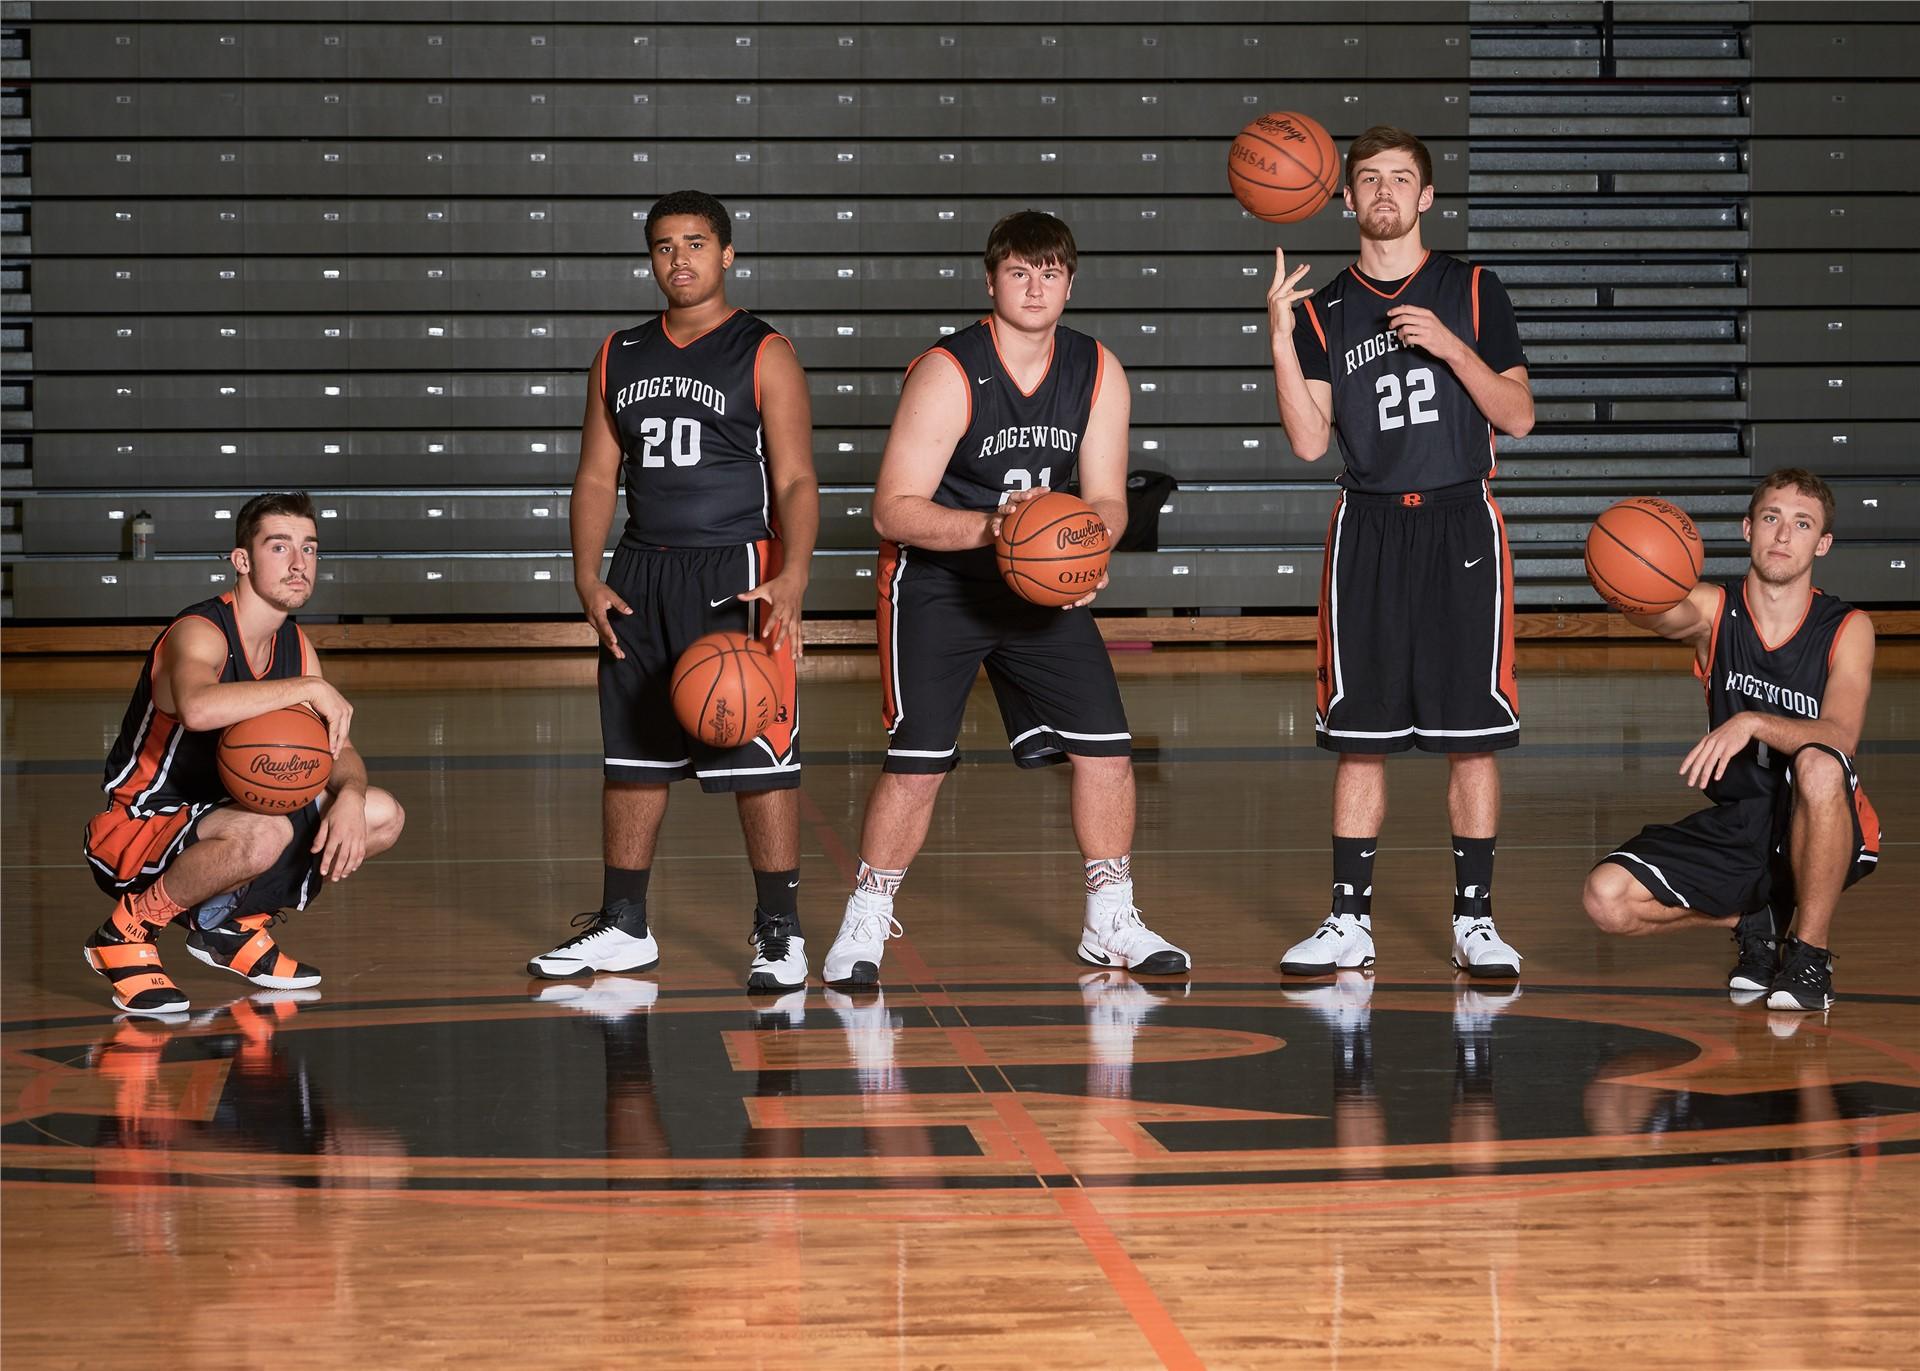 2016-17 Basketball - Seniors